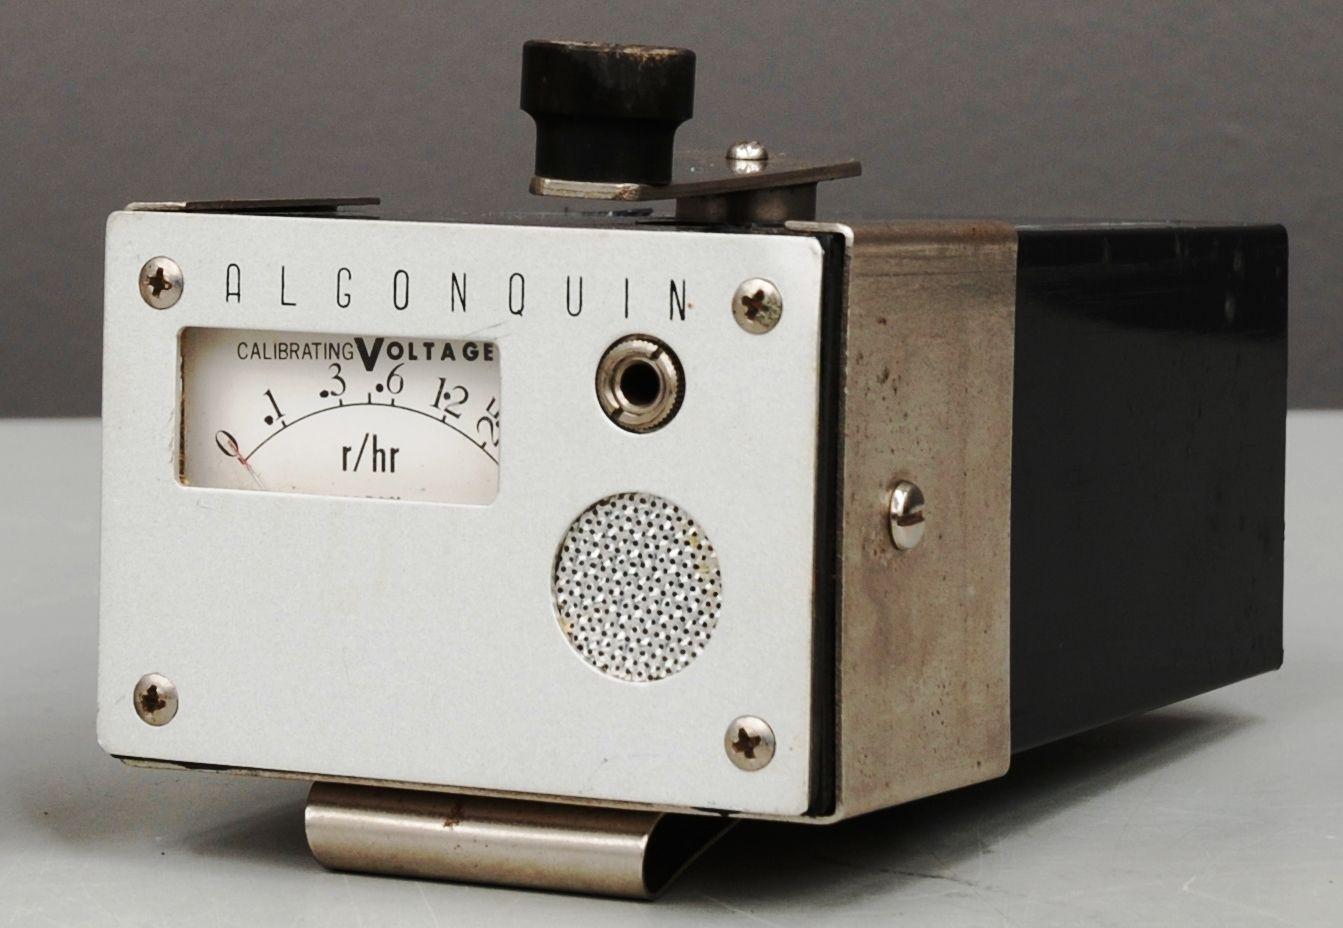 Algonquin handcranked radiation dosimeter Cold War